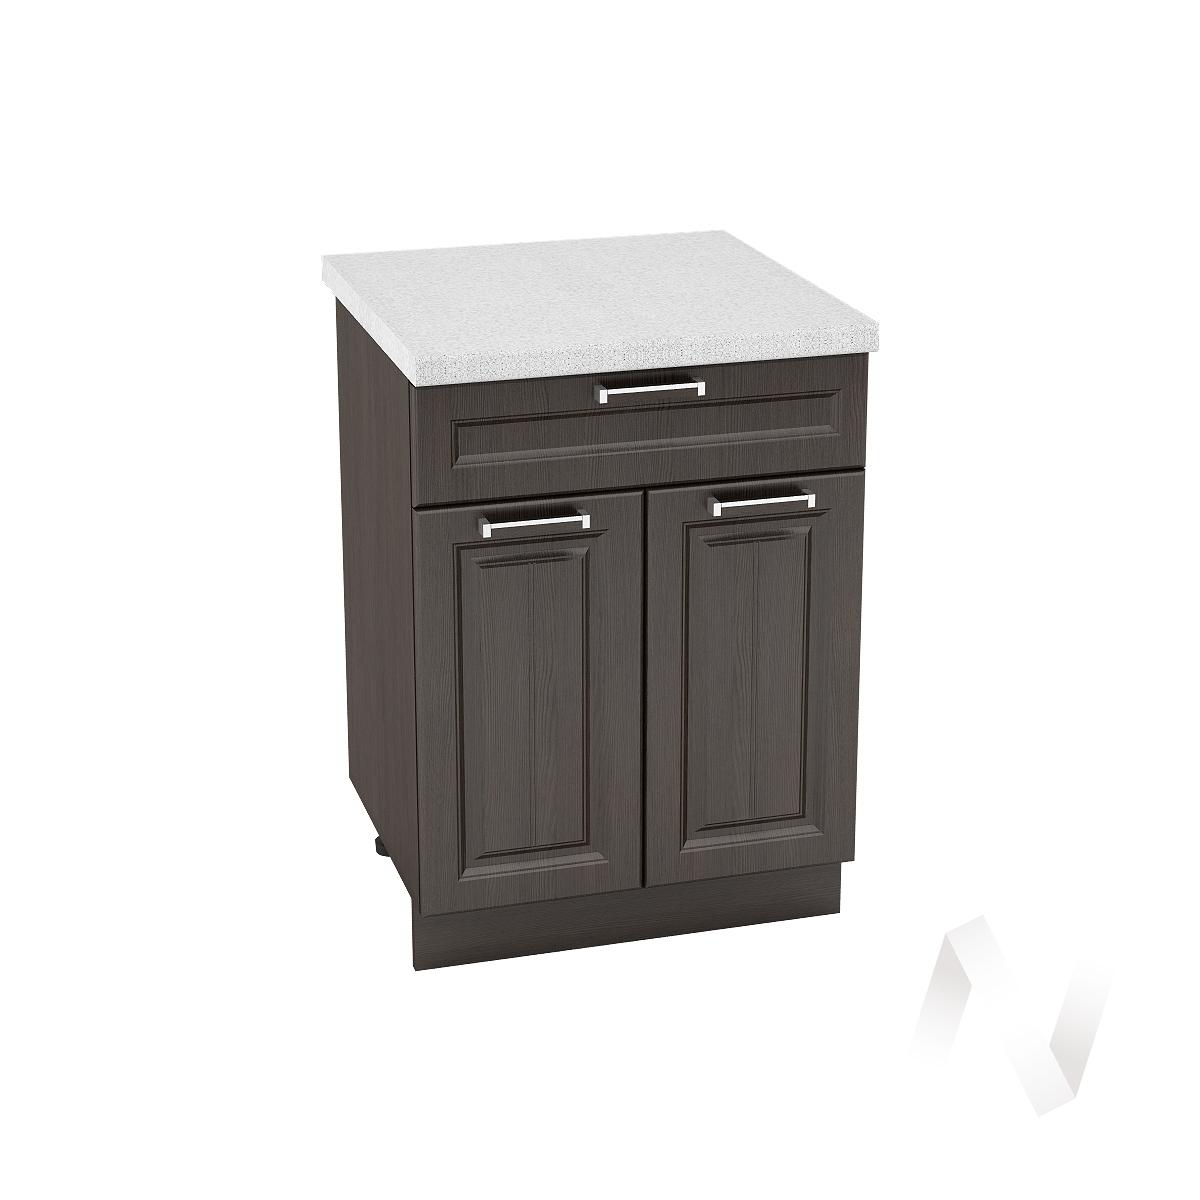 """Кухня """"Прага"""": Шкаф нижний с ящиком 600, ШН1Я 600 М (венге/корпус венге)"""